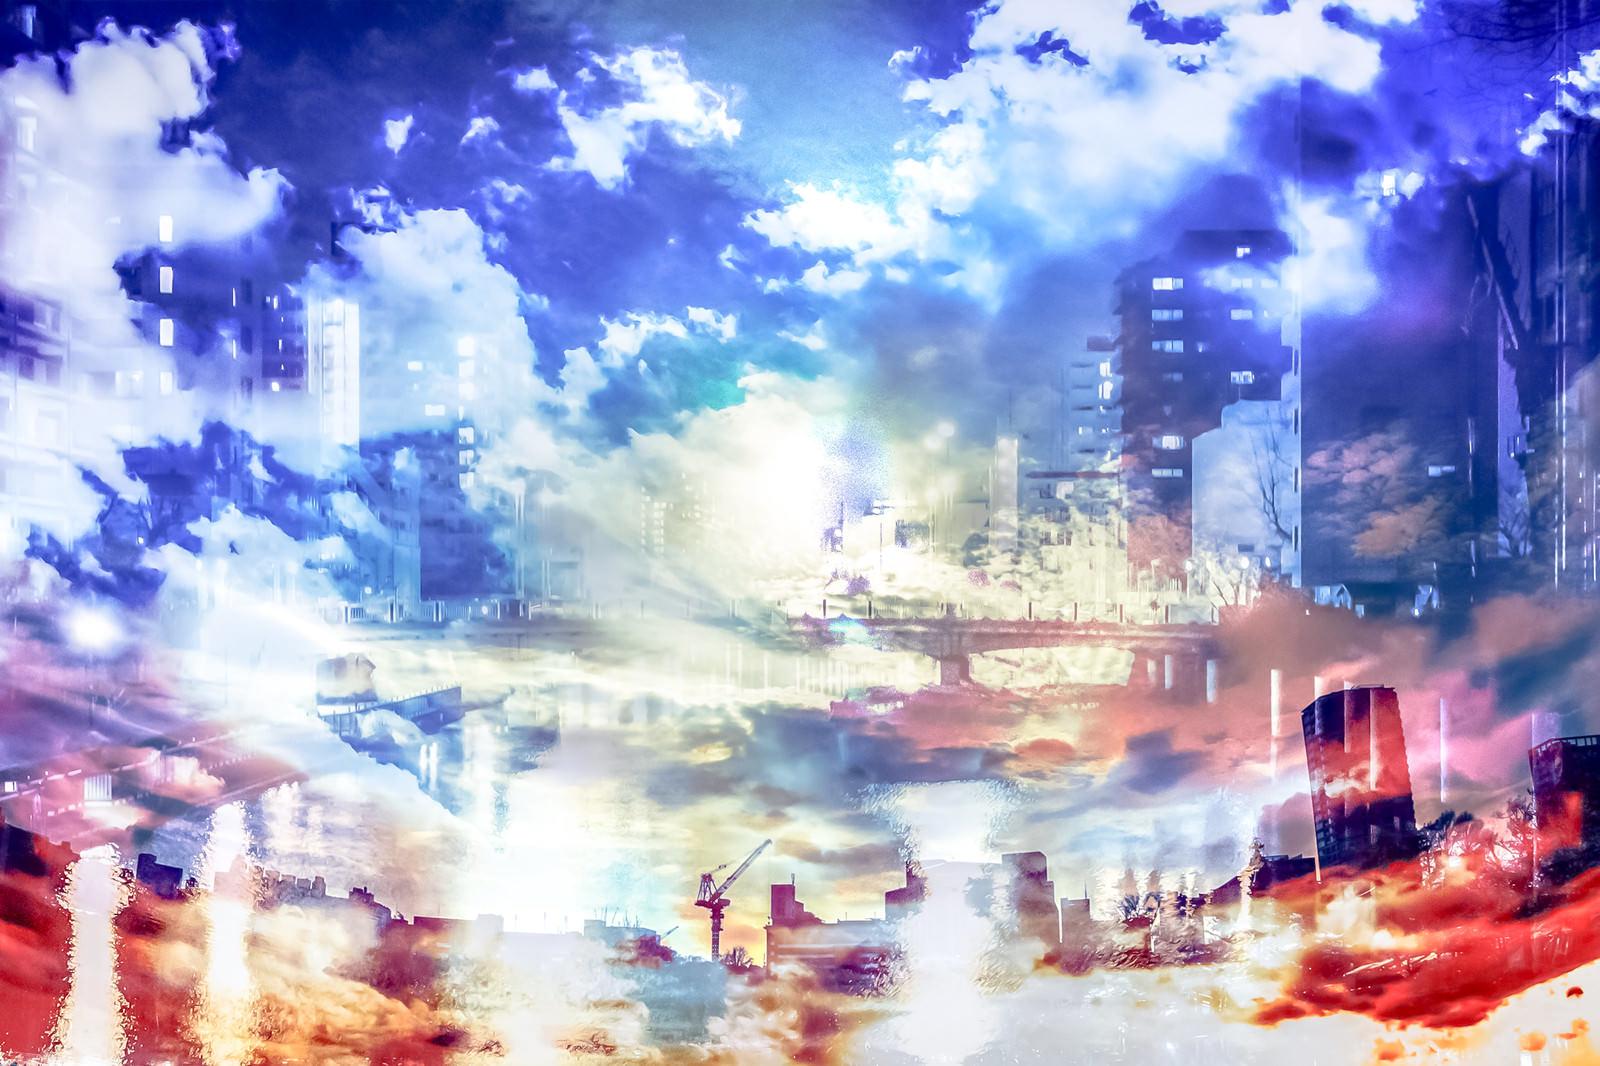 「インダストリアルシティインダストリアルシティ」のフリー写真素材を拡大